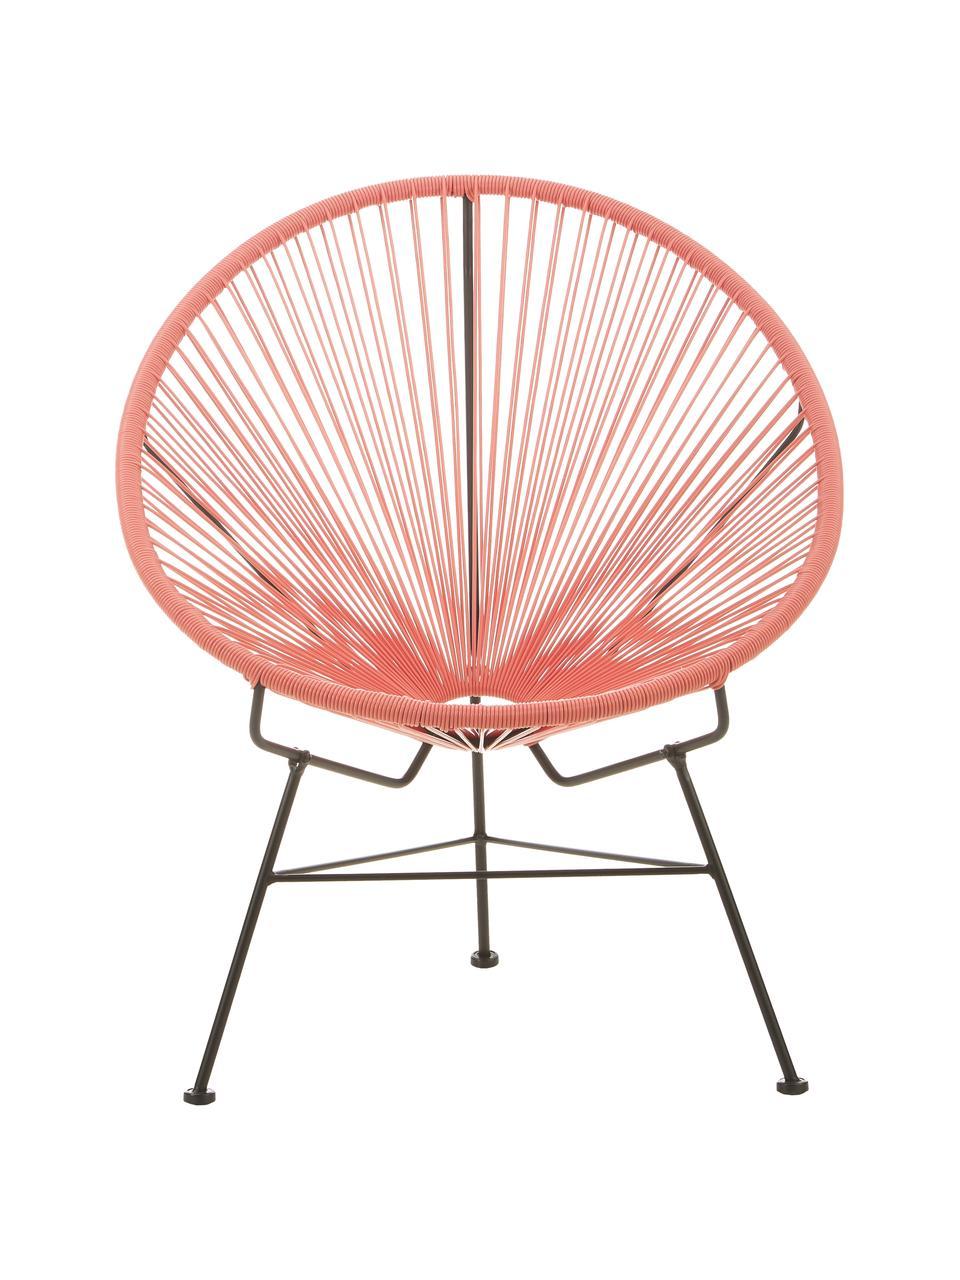 Loungesessel Bahia aus Kunststoff-Geflecht, Sitzfläche: Kunststoff, Gestell: Metall, pulverbeschichtet, Orange, B 81 x T 73 cm